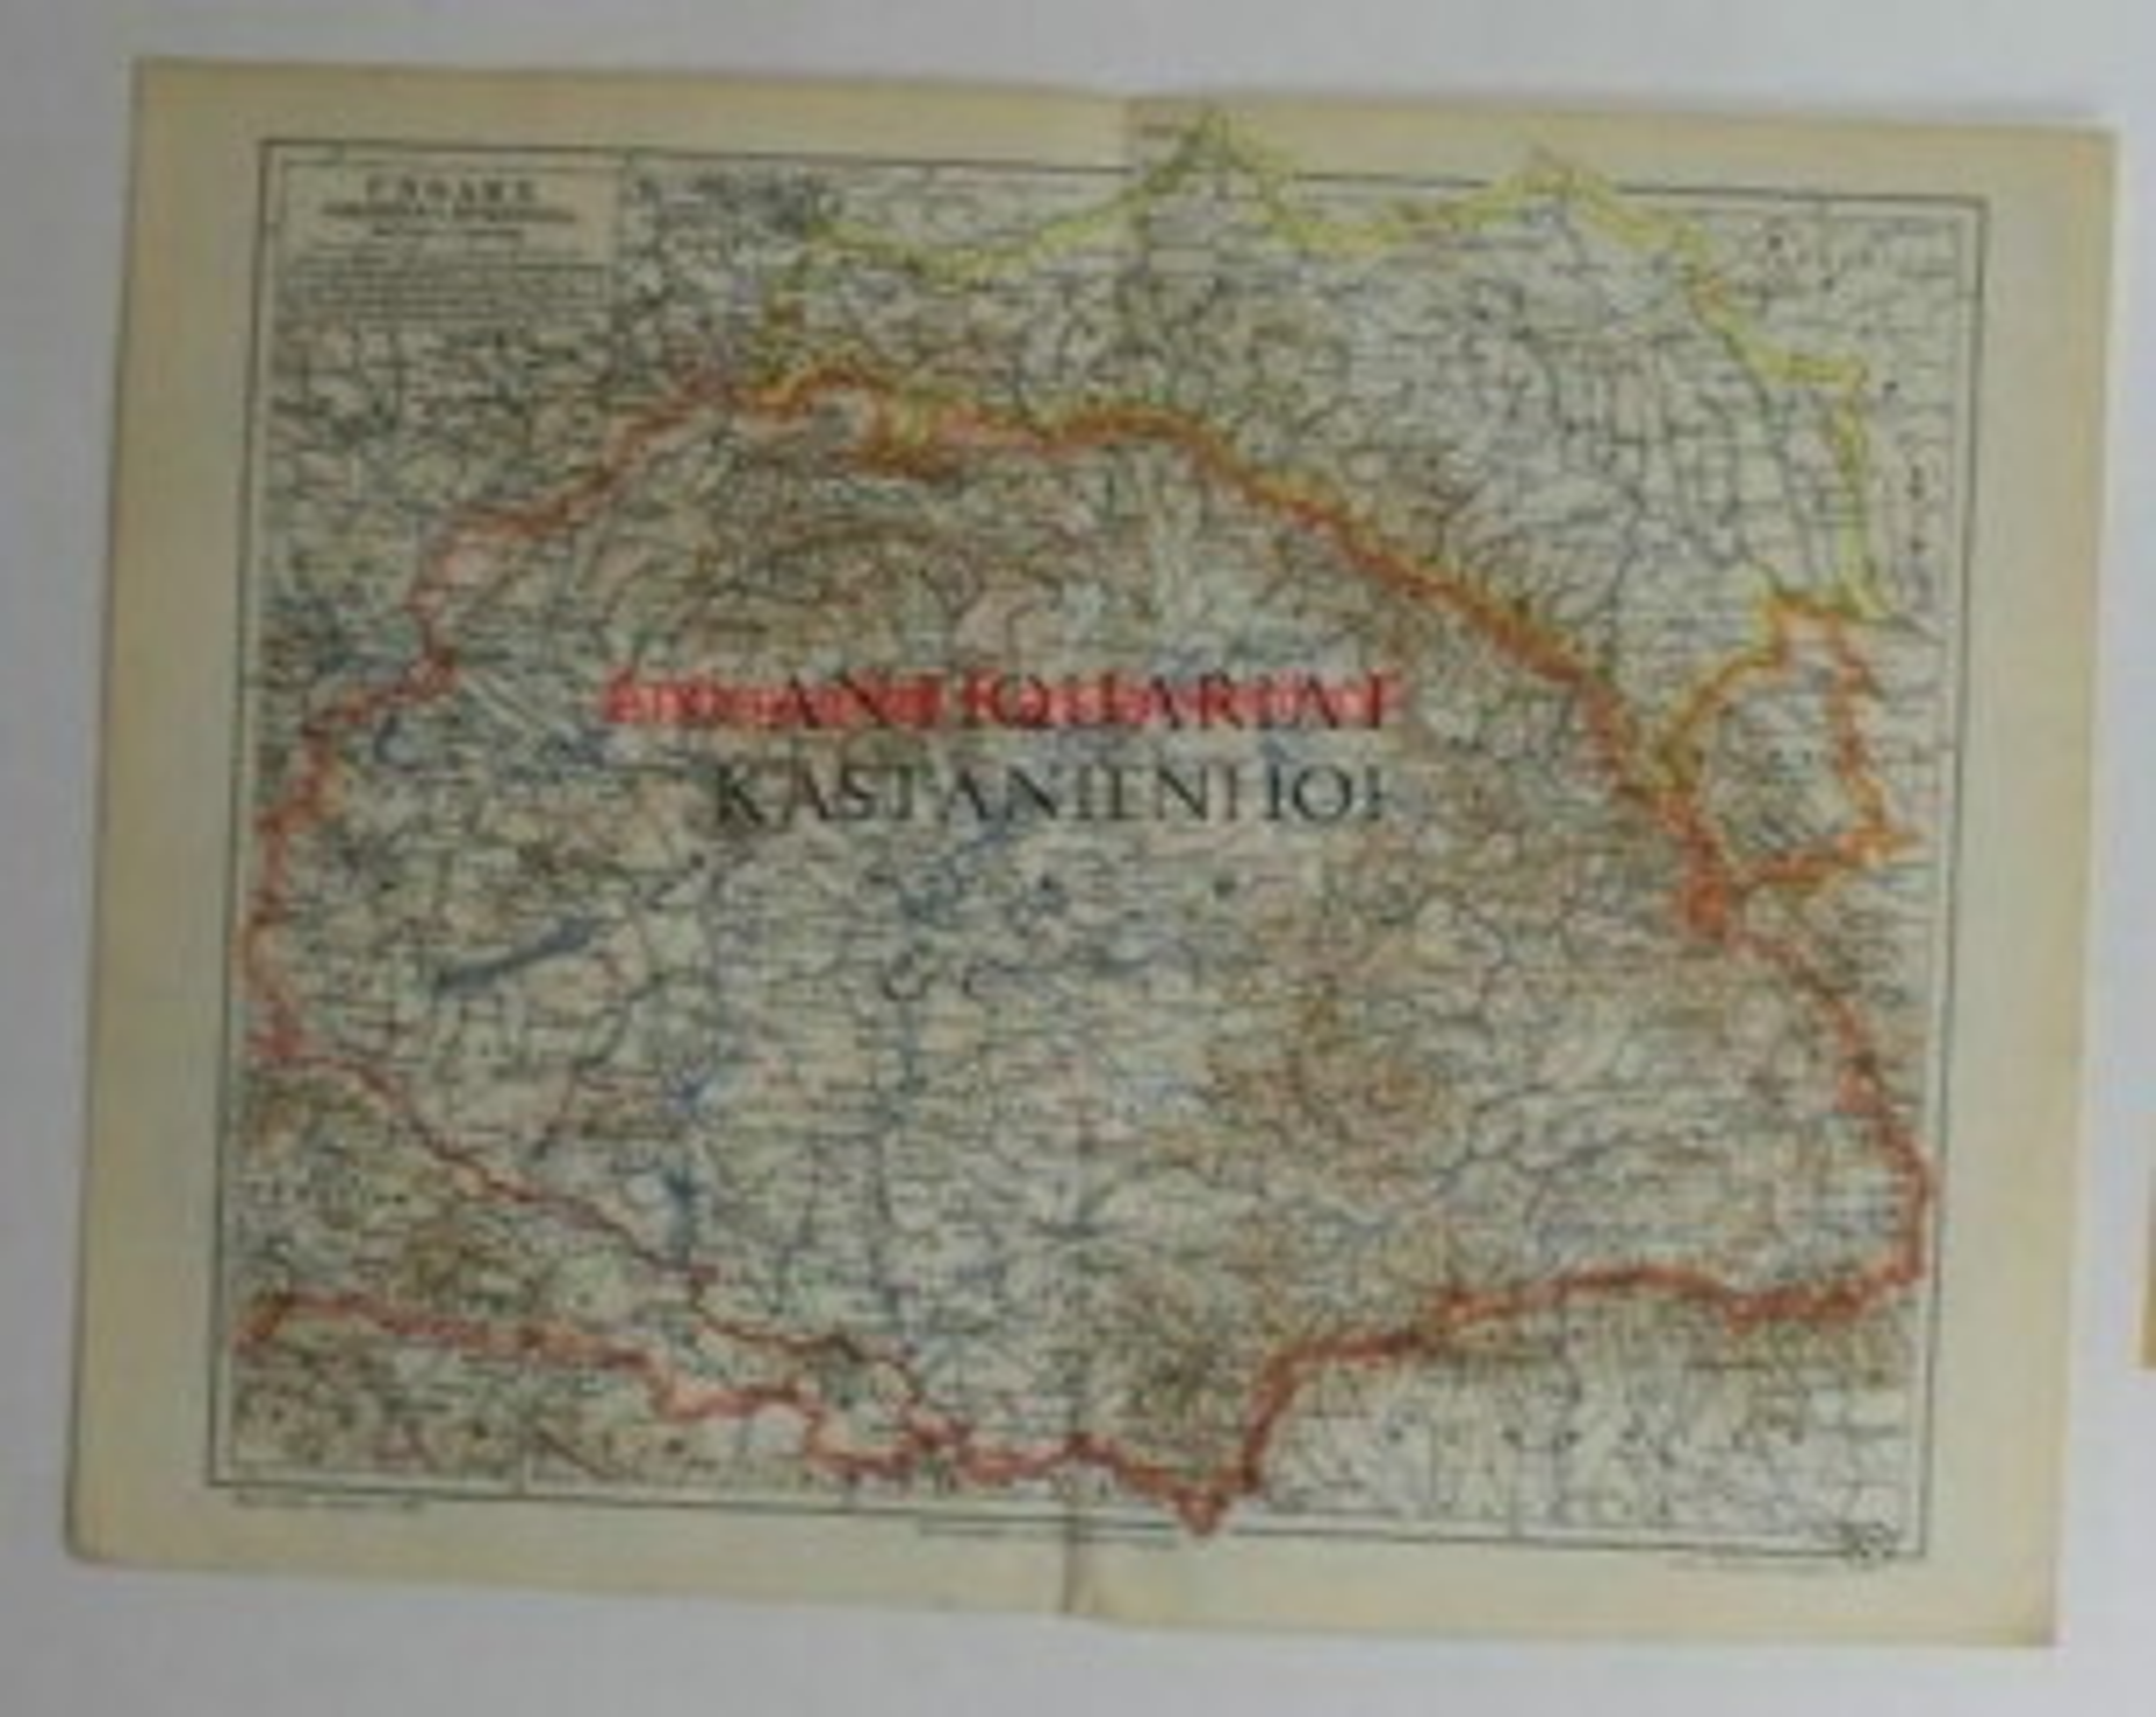 Ungarn, Galizien u. Bukowina von 1897,Maßstab 1:3.000.000: Historische Landkarte KEIN